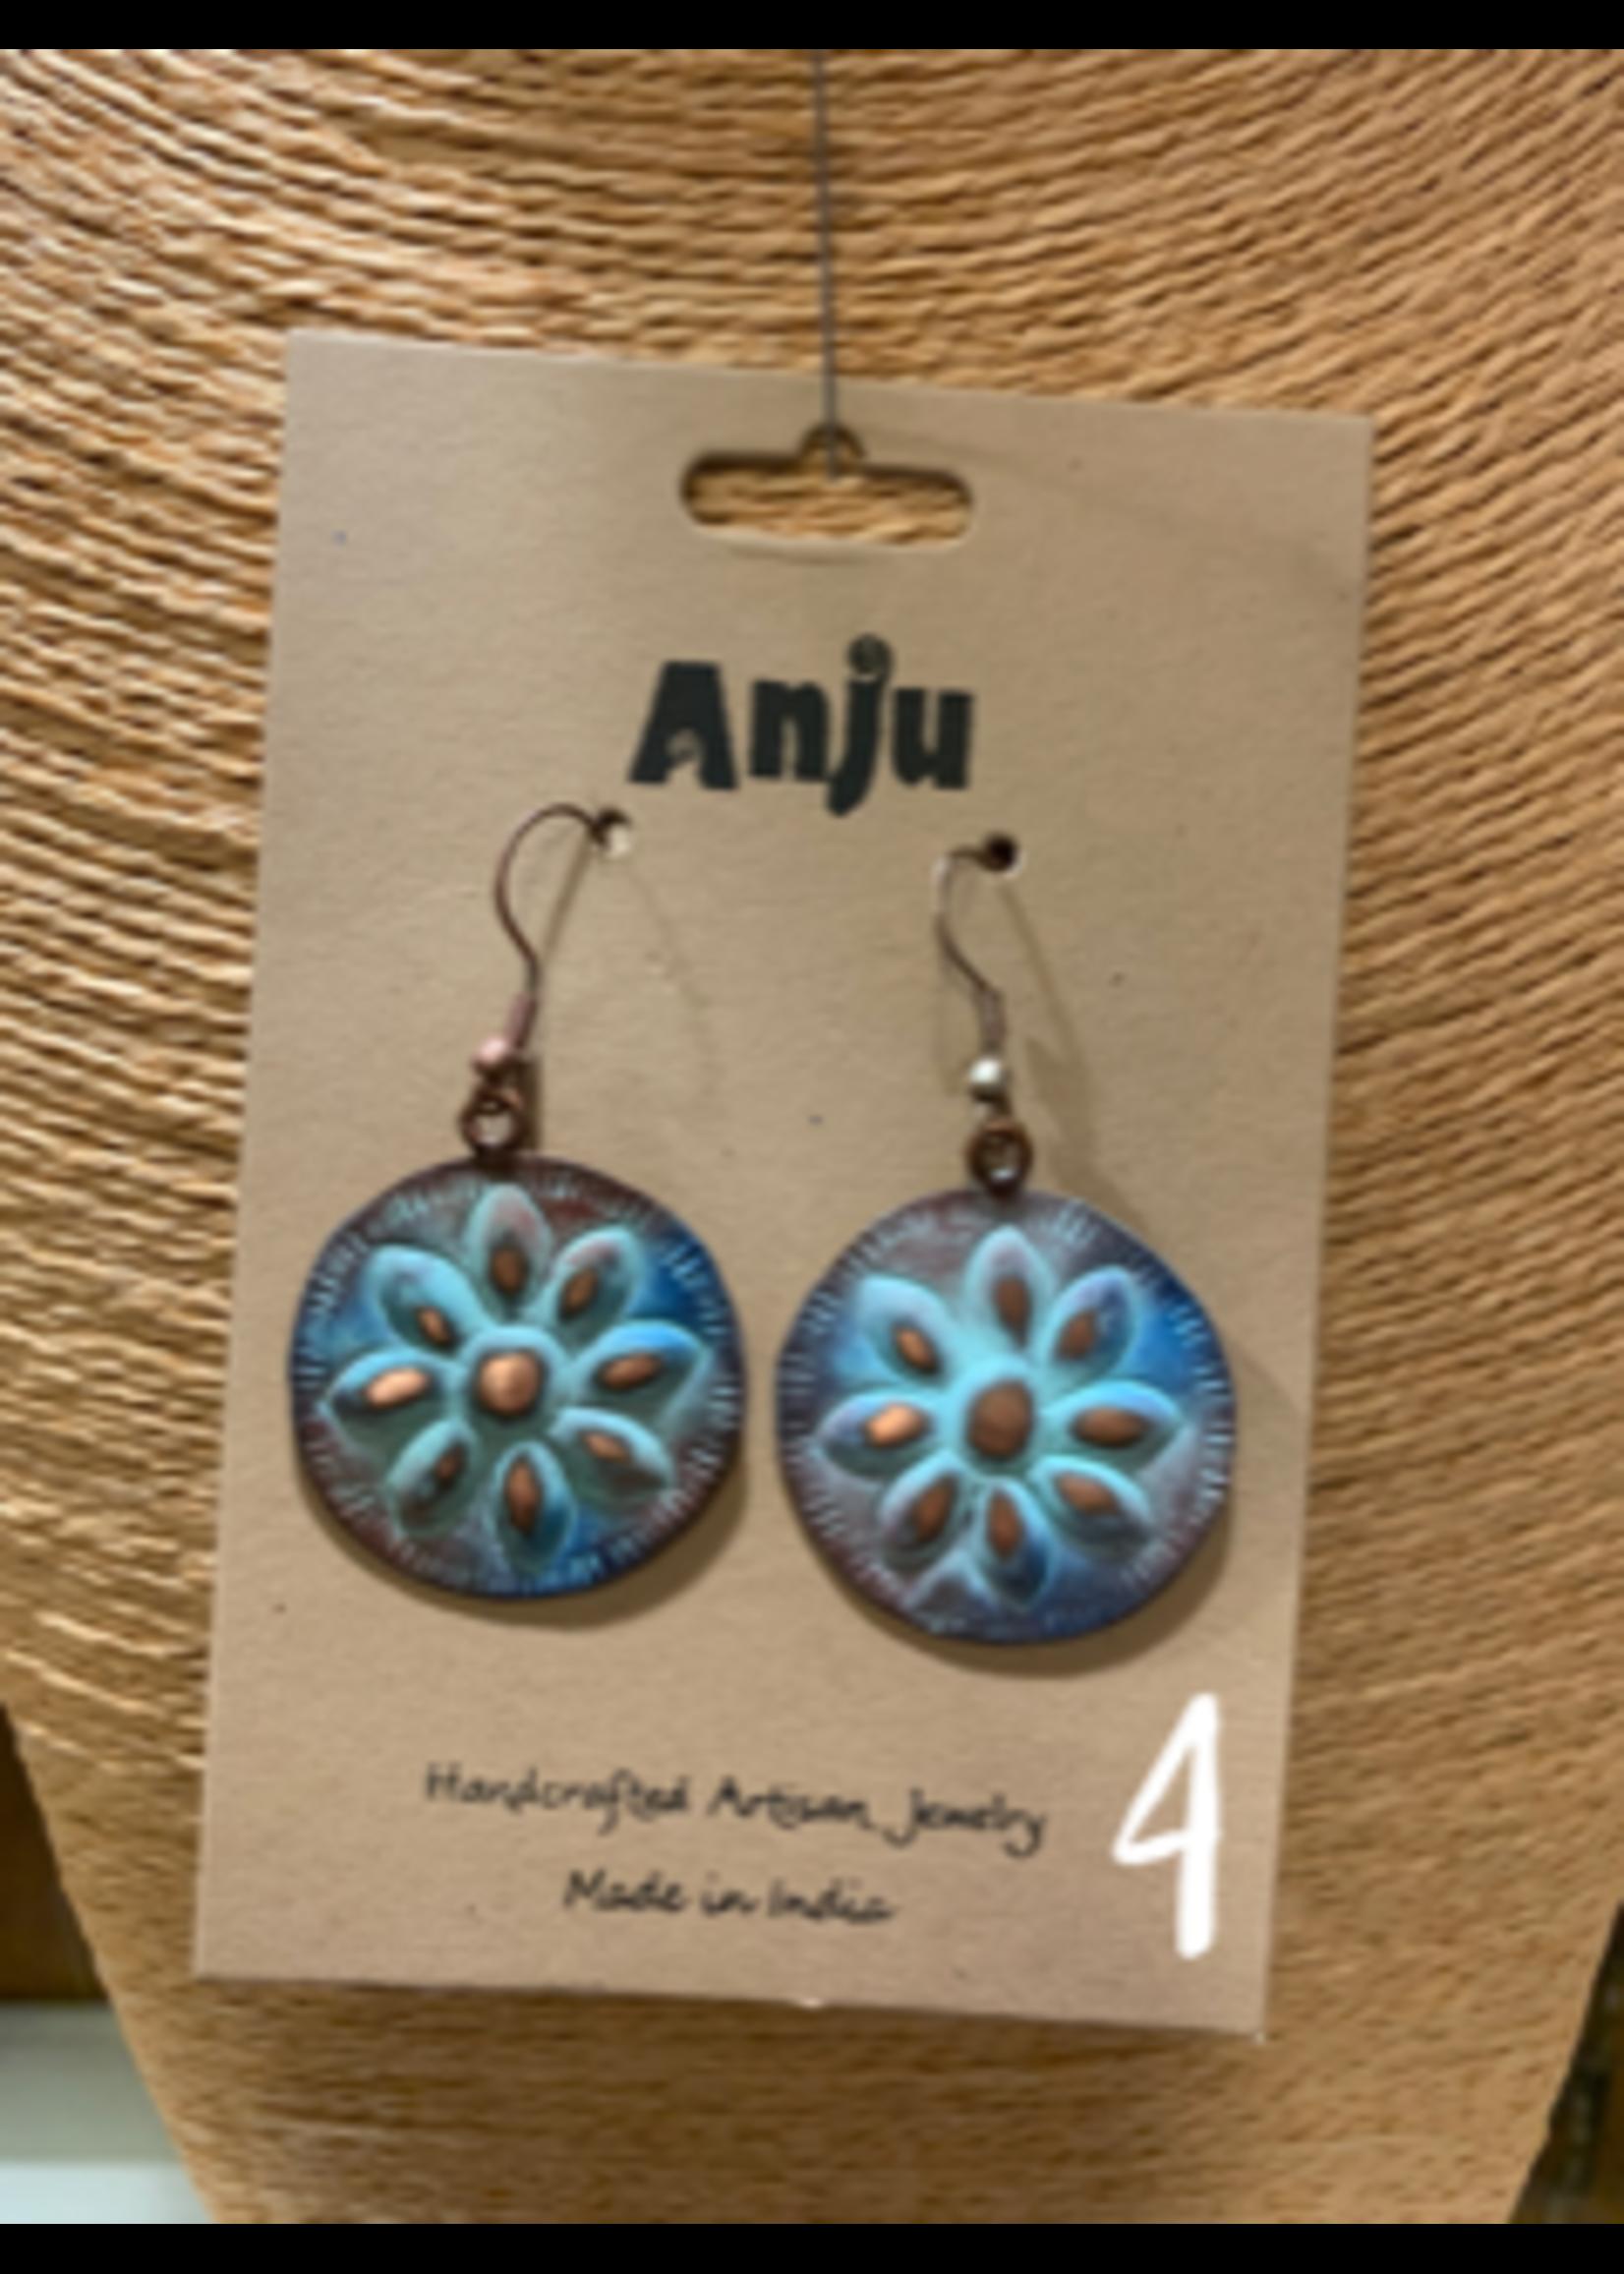 Anju / G A Designs Copper Patina Earrings